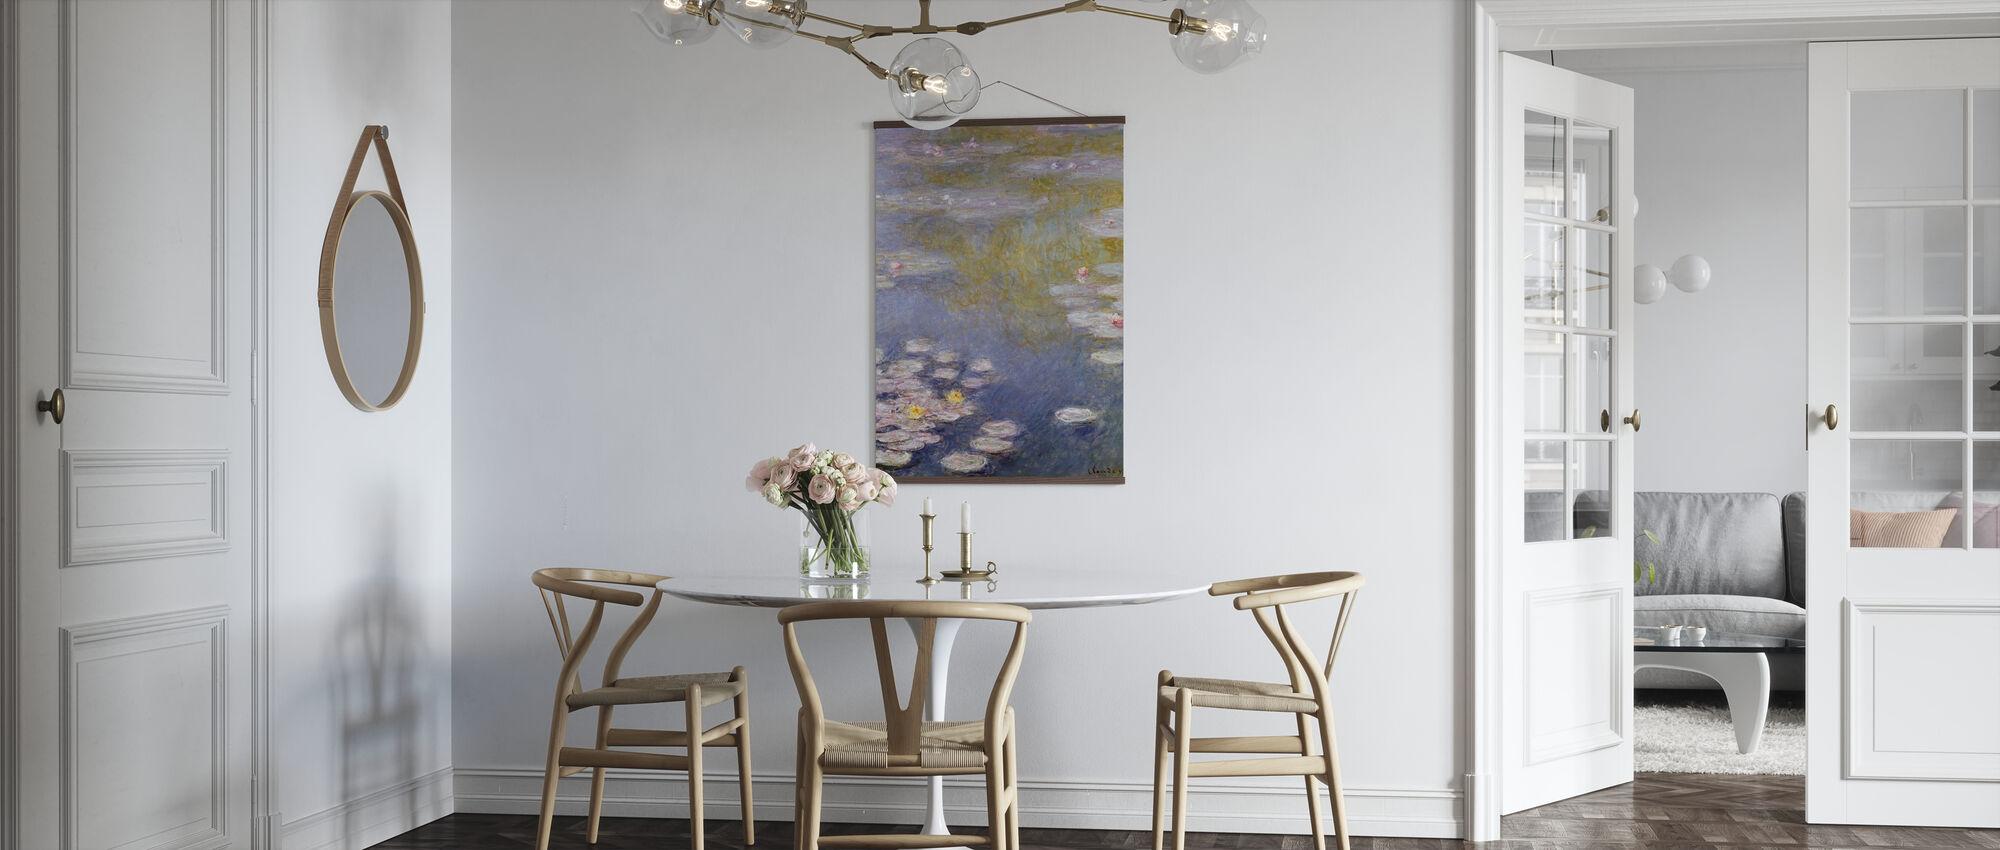 Monet, Claude - Nympheas à Giverny - Affiche - Cuisine